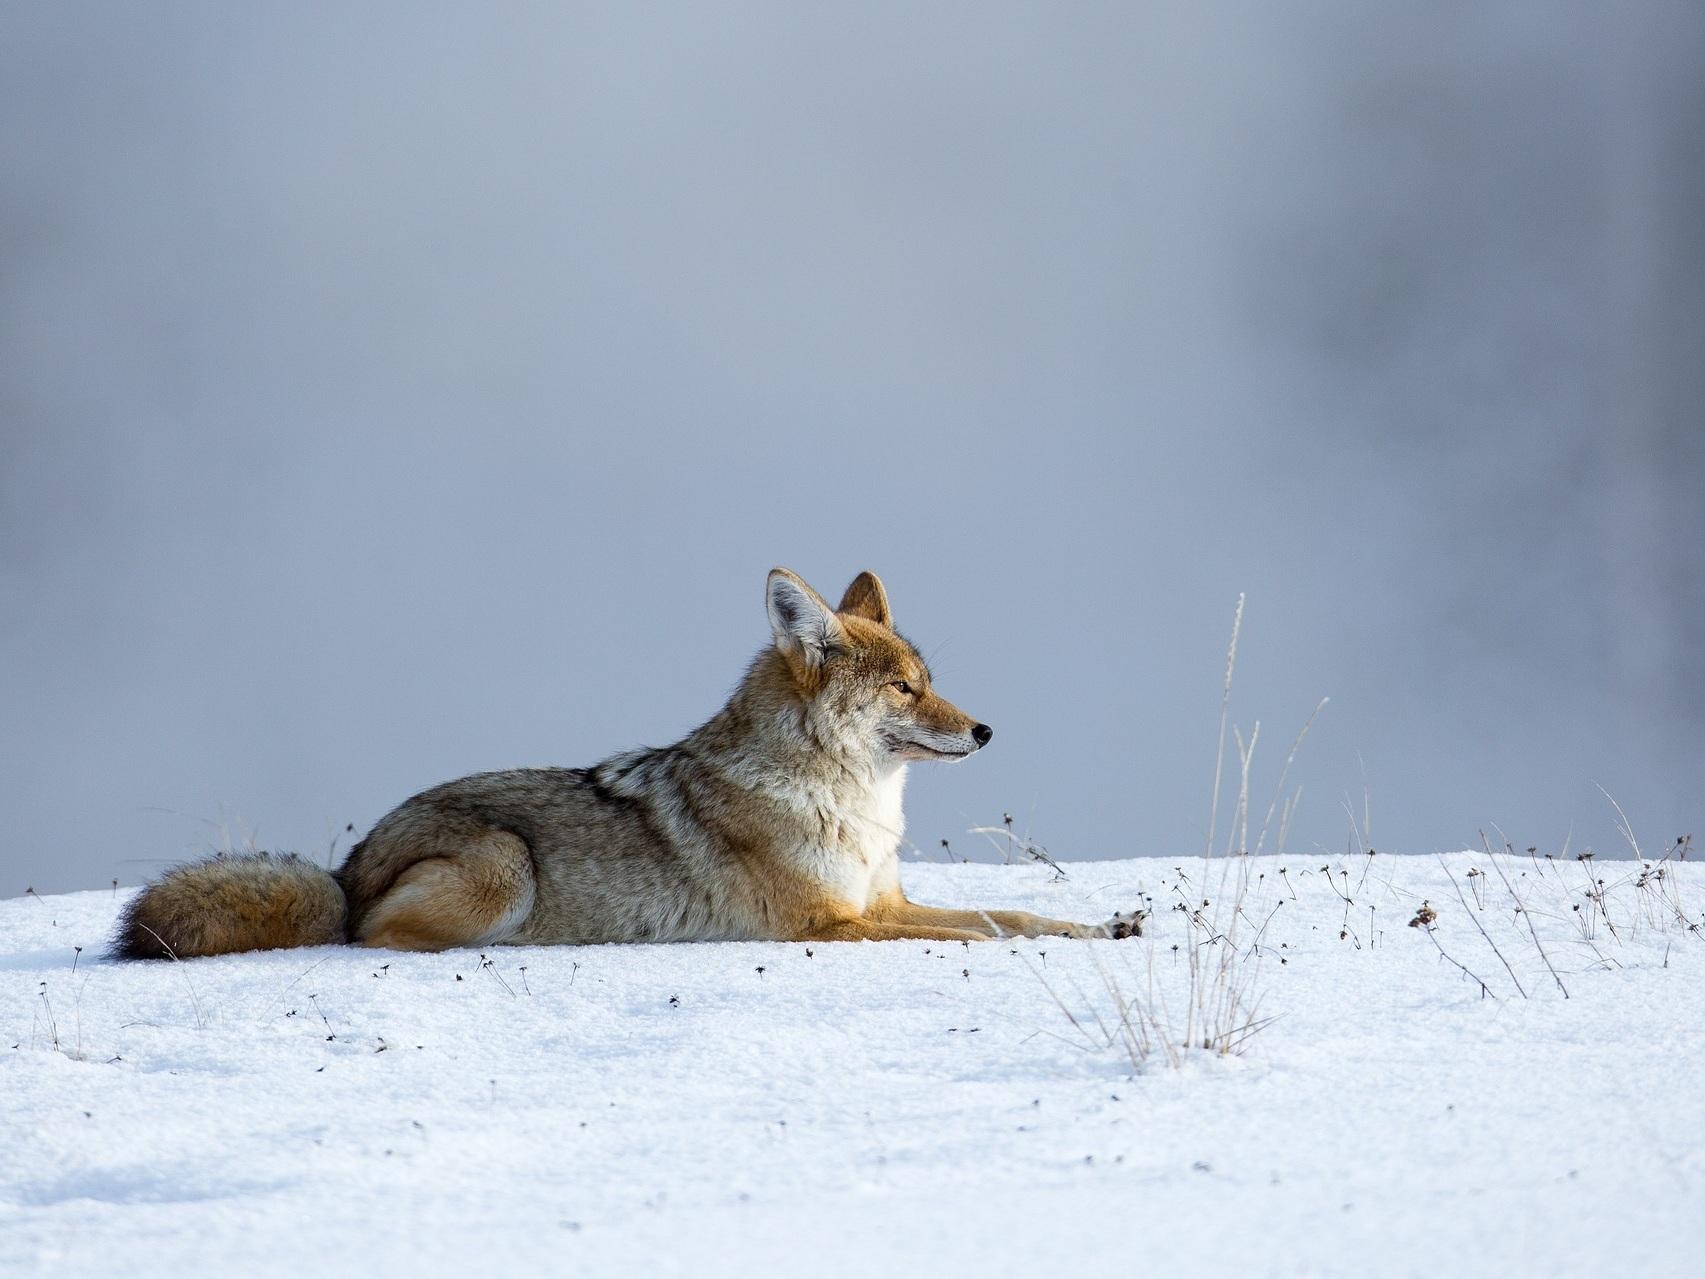 coyote-1143632_1920.jpg